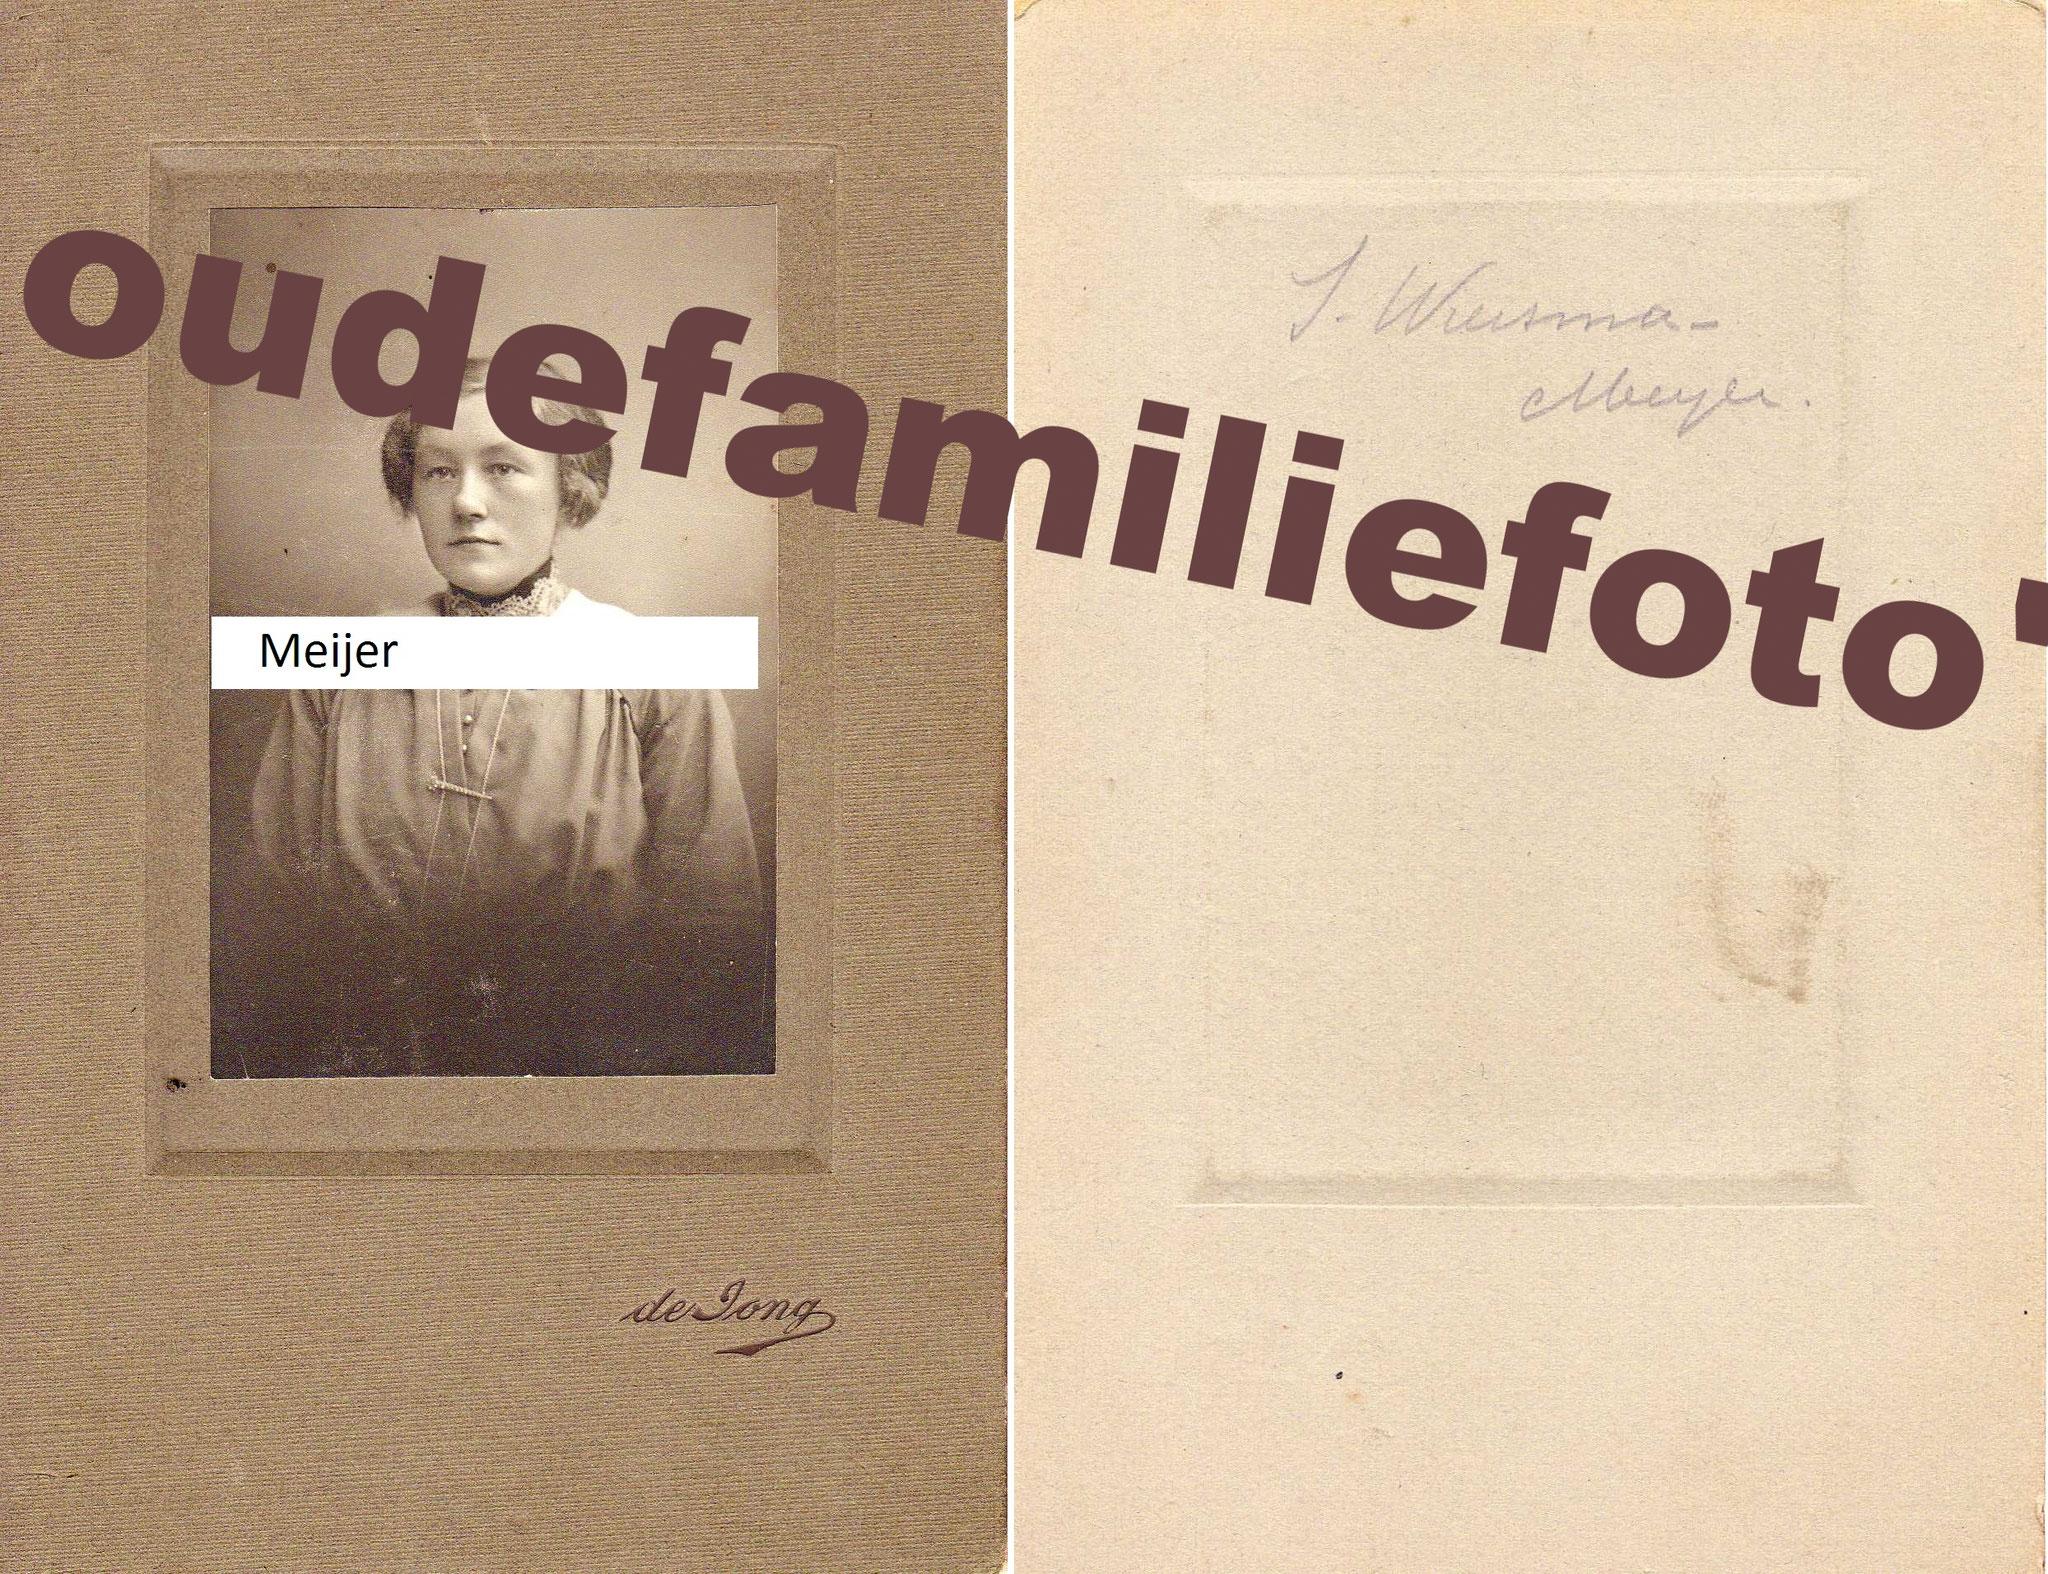 Meijer, Siebrigje. Geboren 13-07-1893 Ried, gehuwd met Taekle Wiersma. Gewoond in Den Haag en Leeuwarden. € 4.00